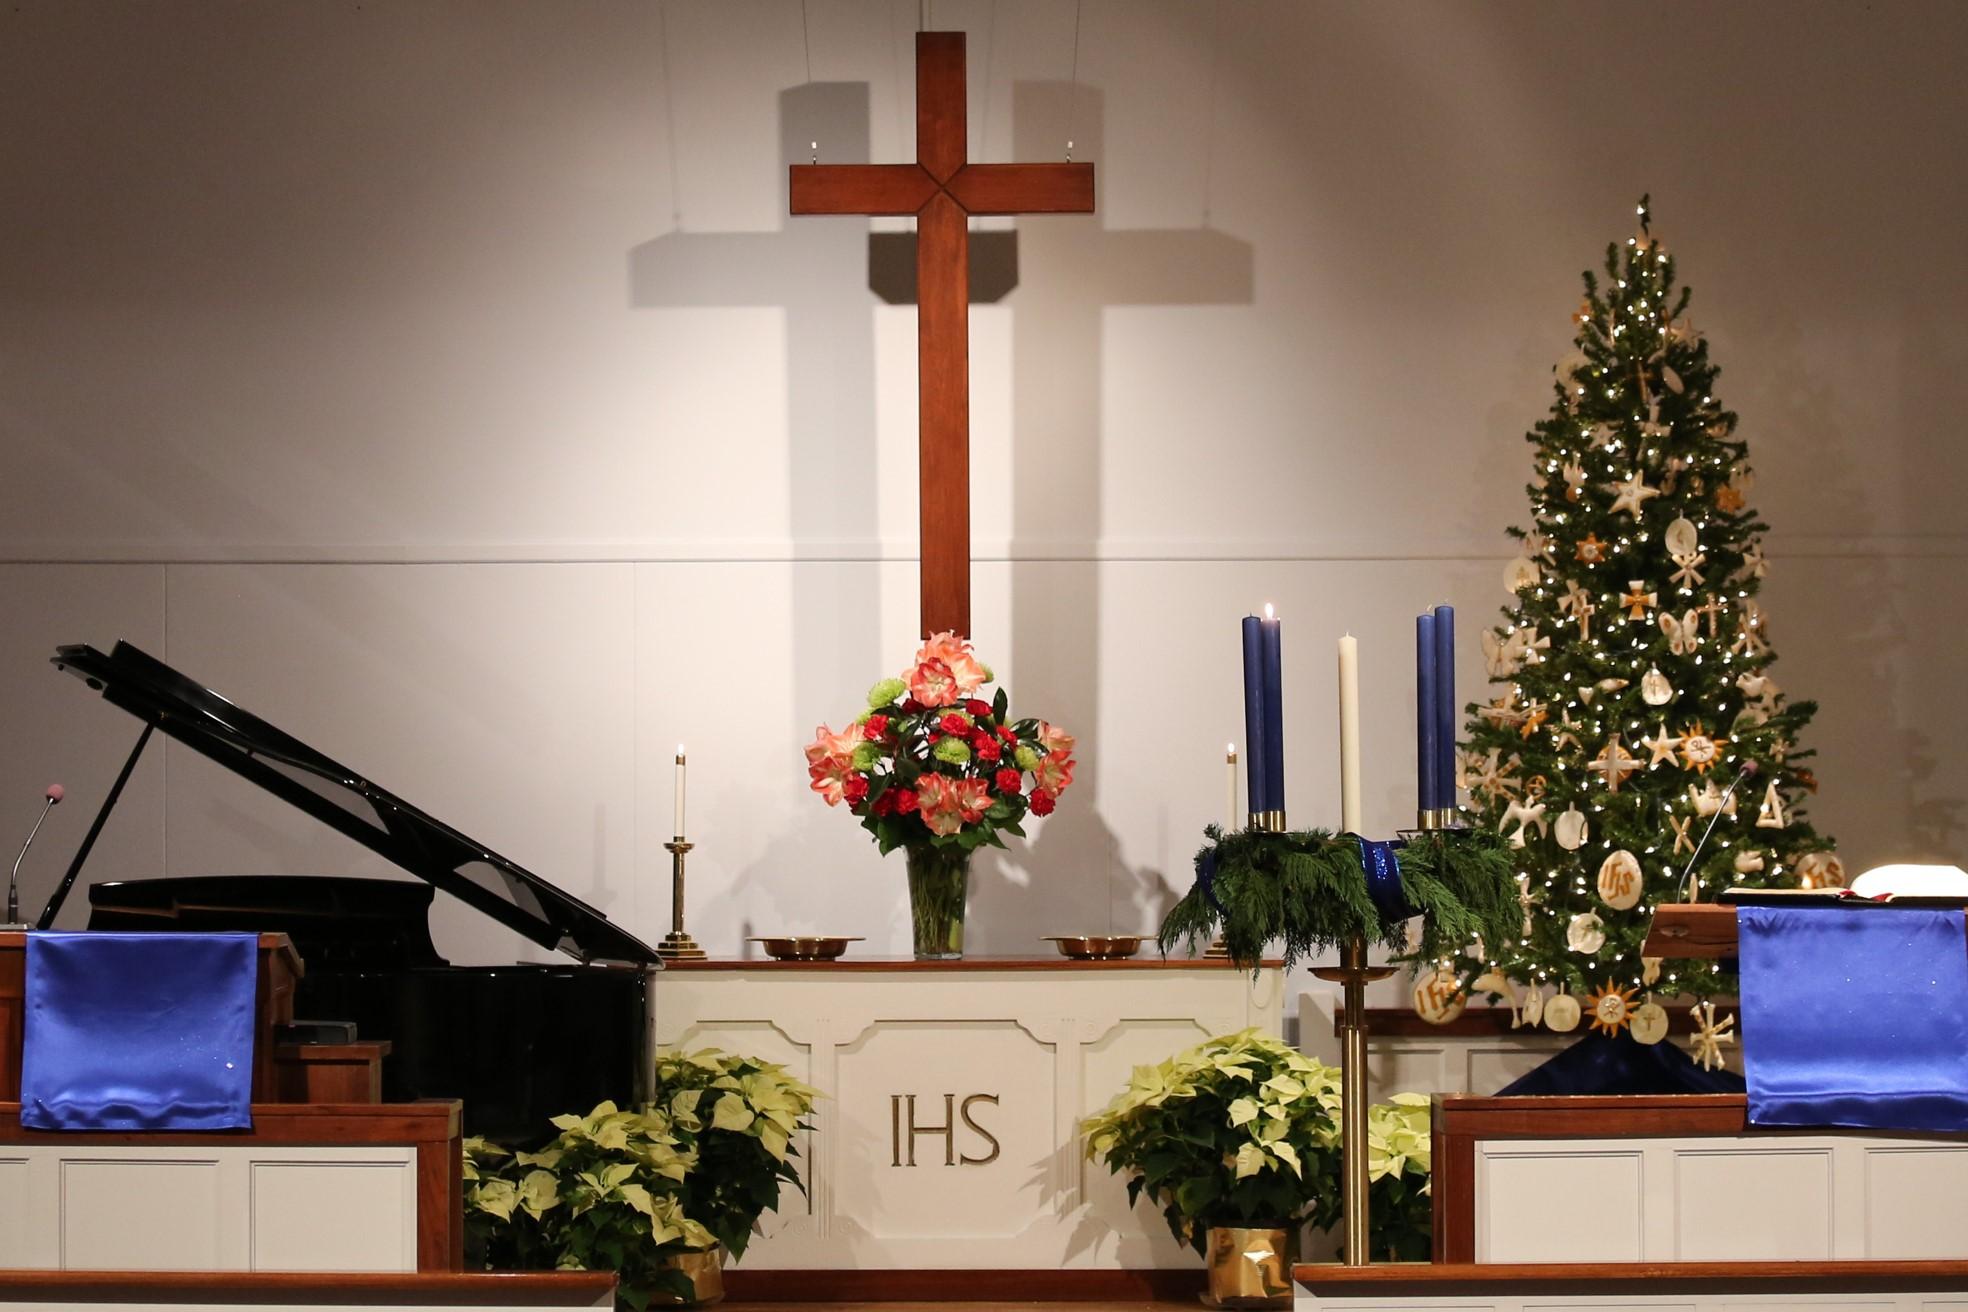 테네시주 내쉬빌의 글렌데일 연합감리교회 예배당에 흰색 포인세티아가 대강절 장식에 사용되었다. 사진 제공: 카일 어데어.